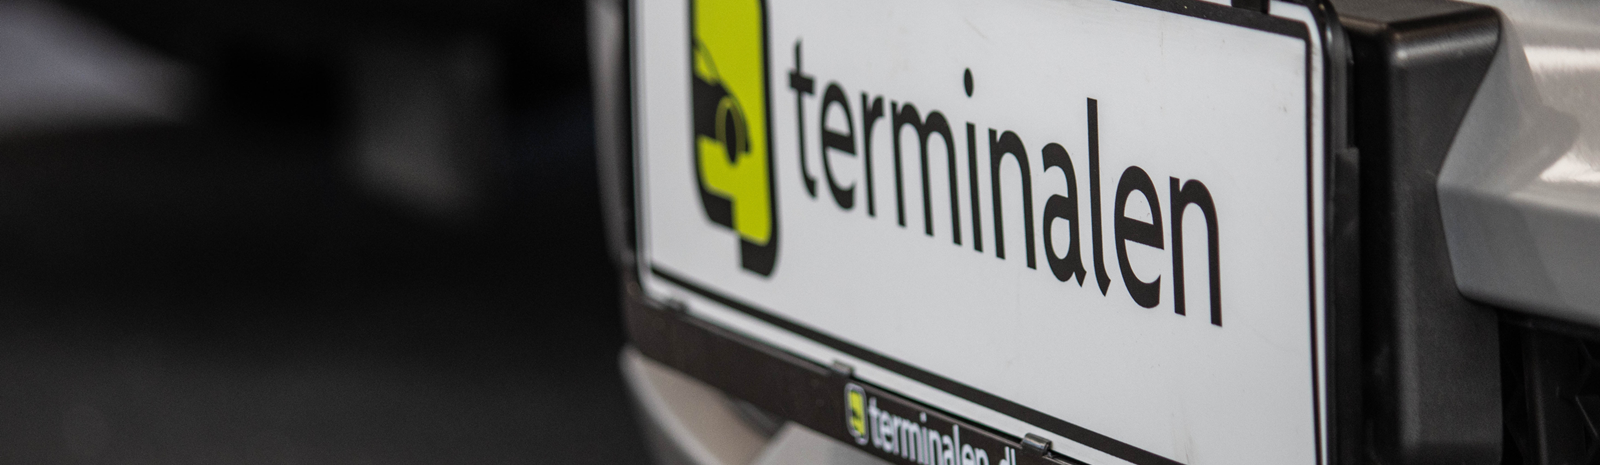 Terminalen Serviceaftale 3